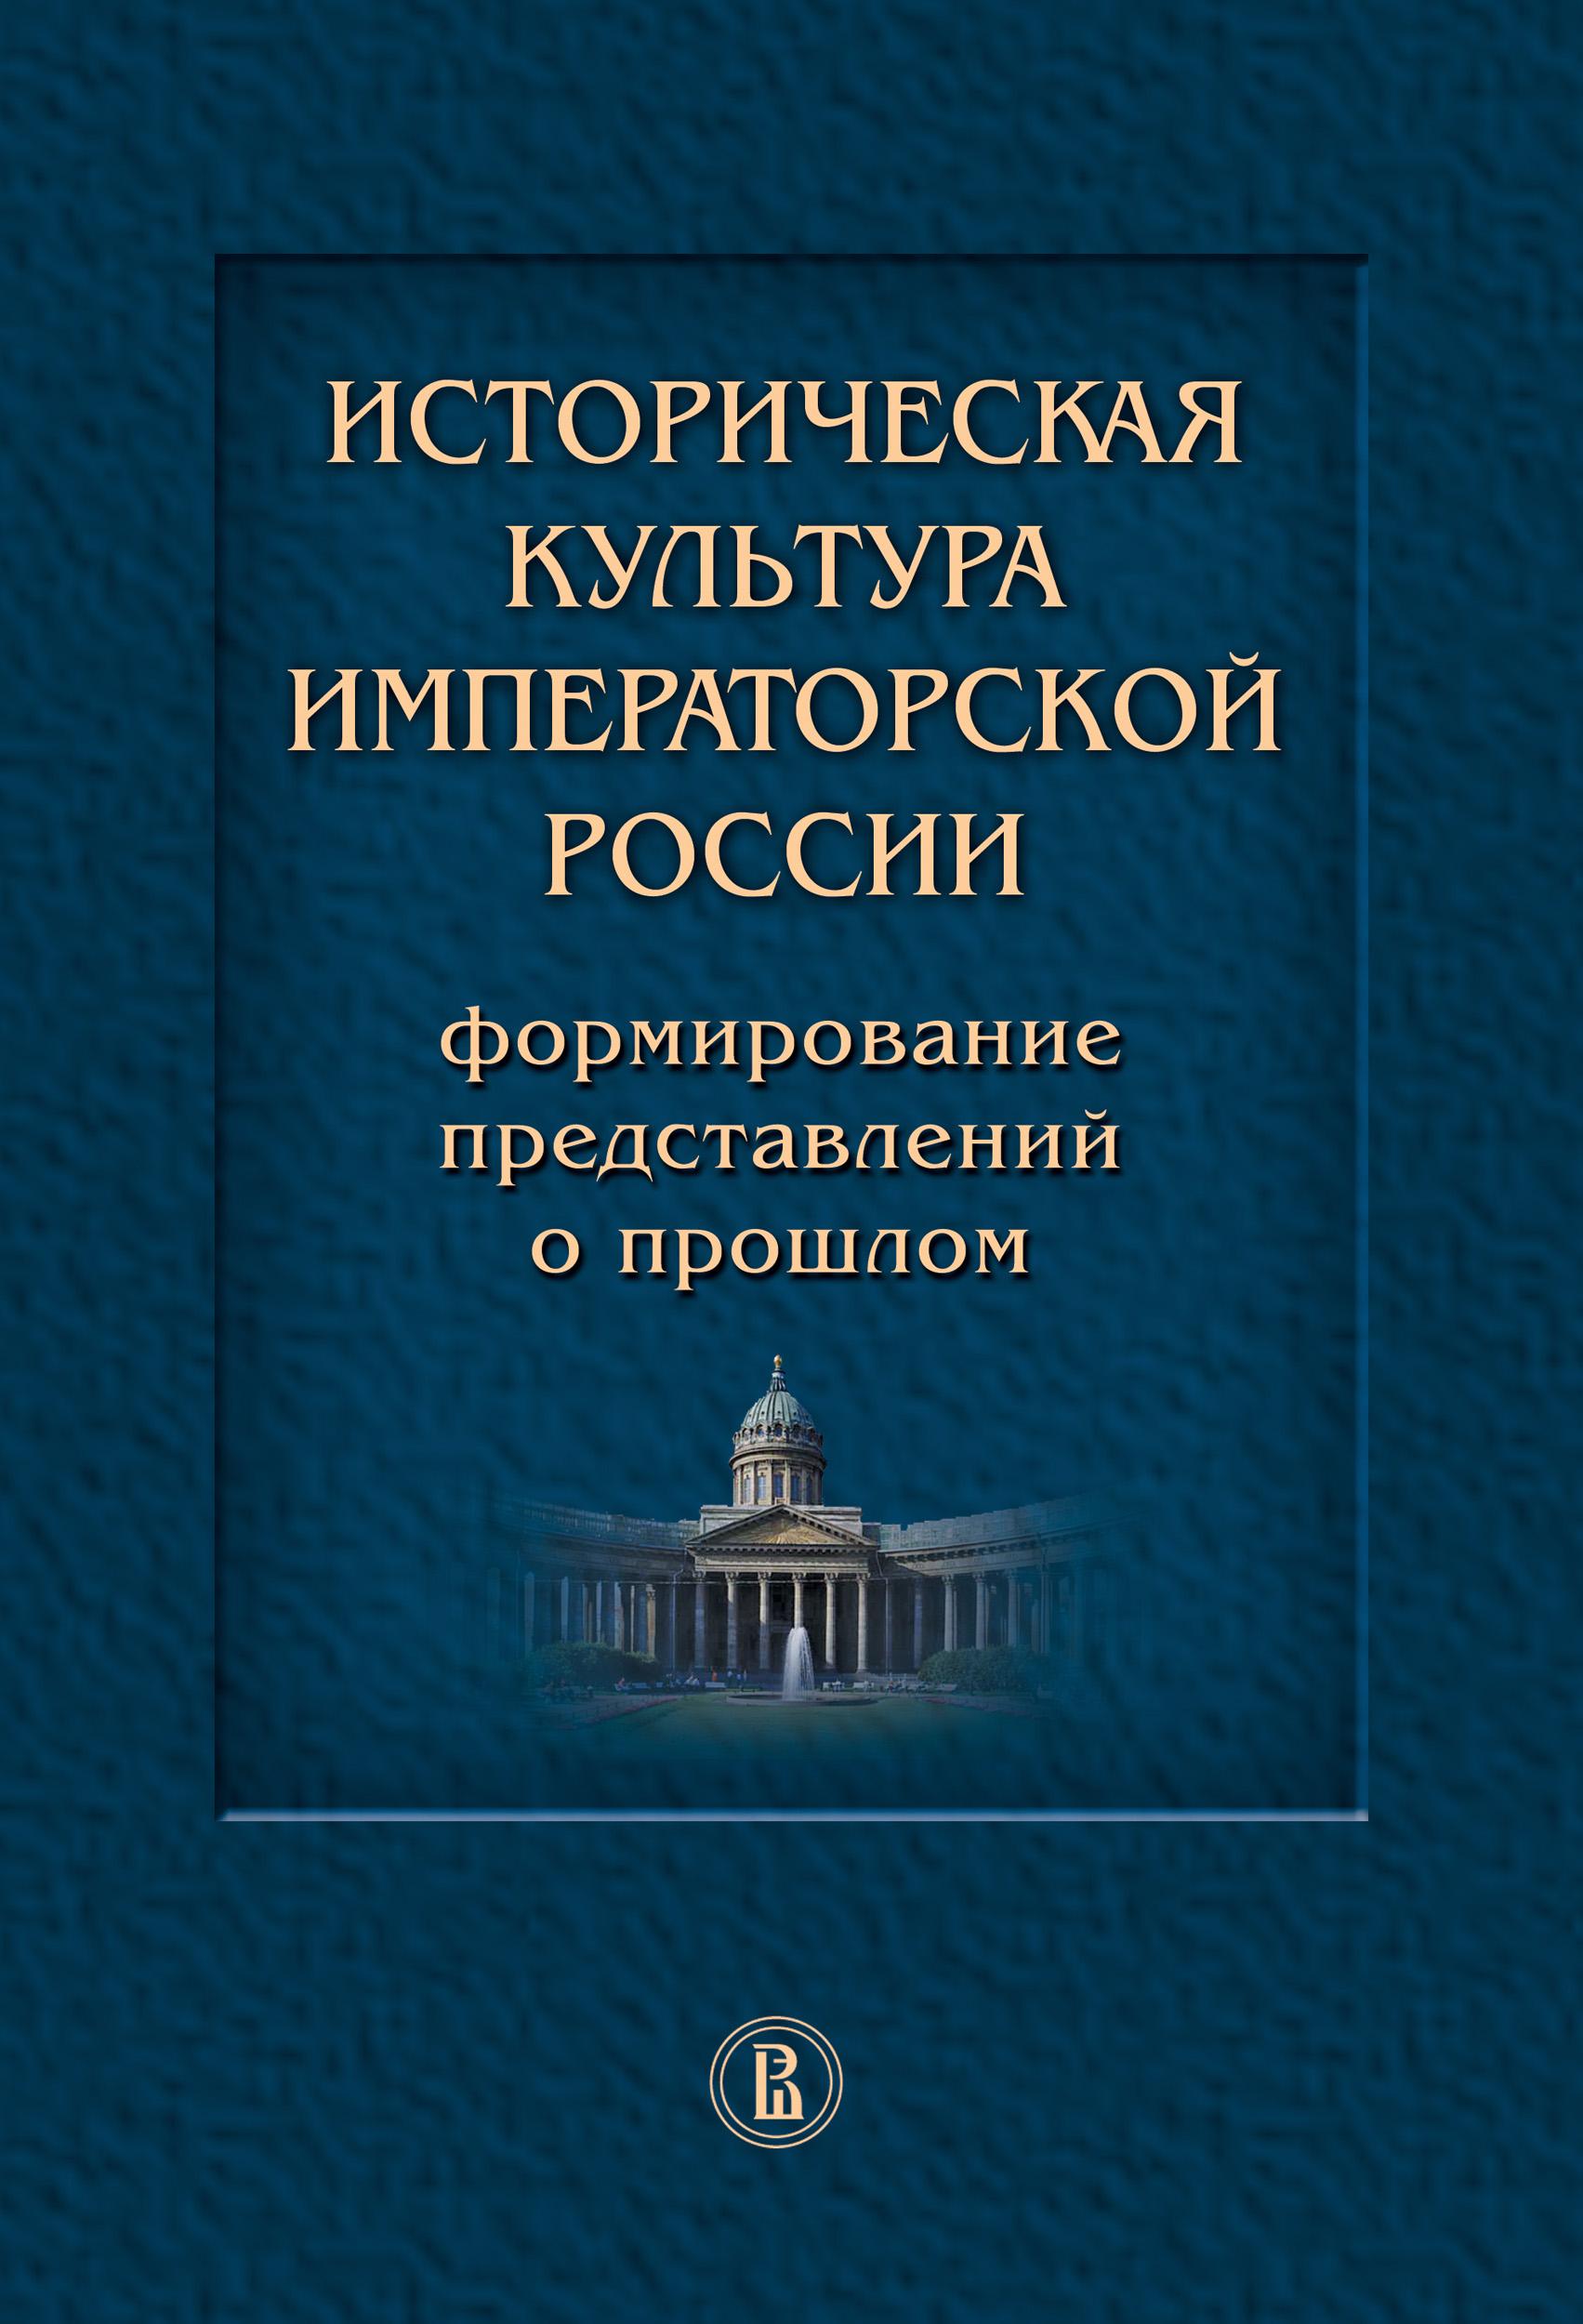 Историческая культура императорской России. Формирование представлений о прошлом